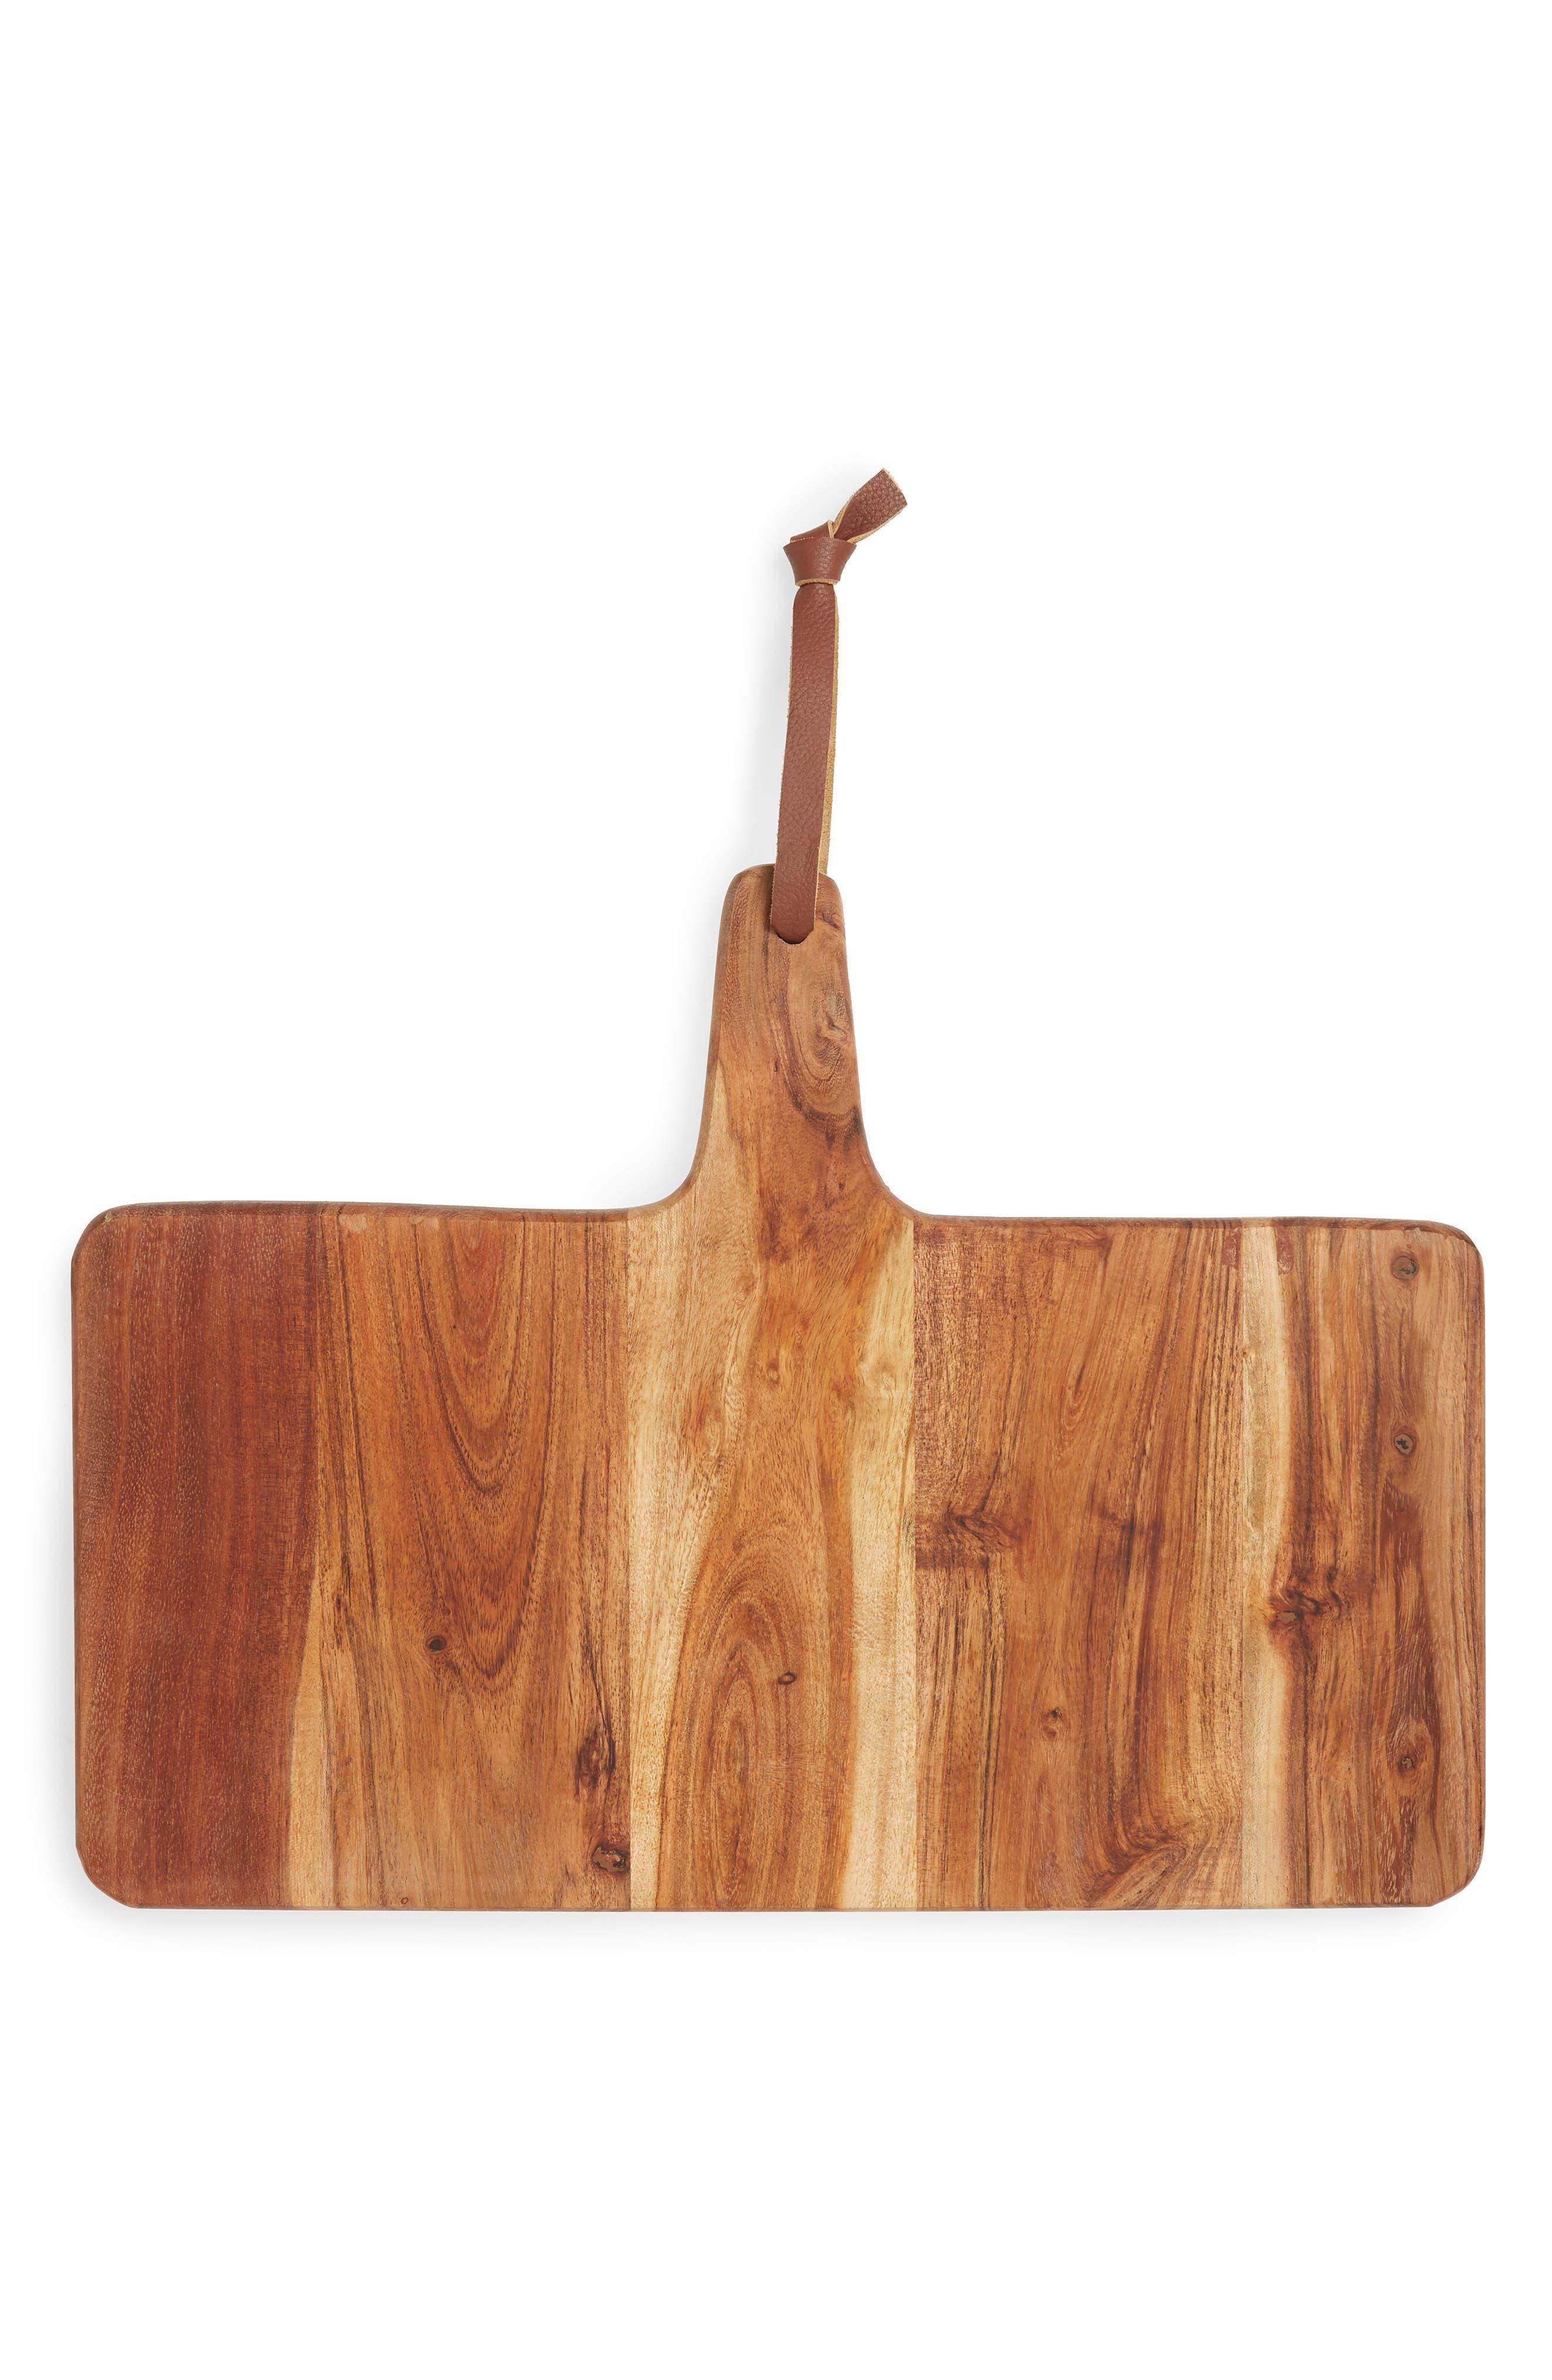 Acacia Wood Cheese Paddle,                             Main thumbnail 1, color,                             BROWN